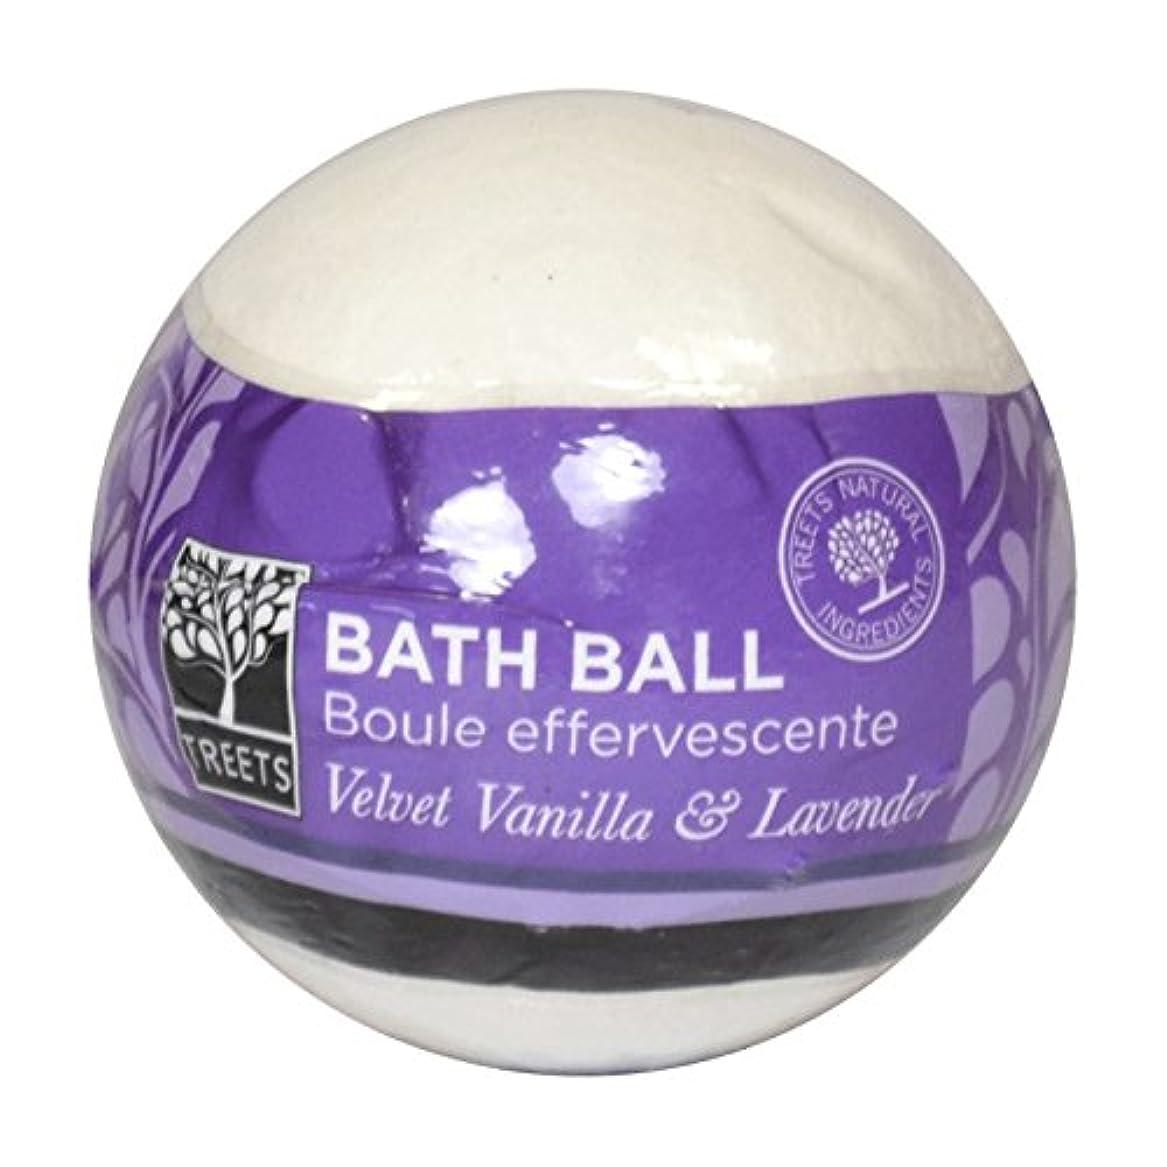 発行チャンピオンシップ限りなくTreetsベルベットのバニラ&ラベンダーバスボール - Treets Velvet Vanilla & Lavender Bath Ball (Treets) [並行輸入品]